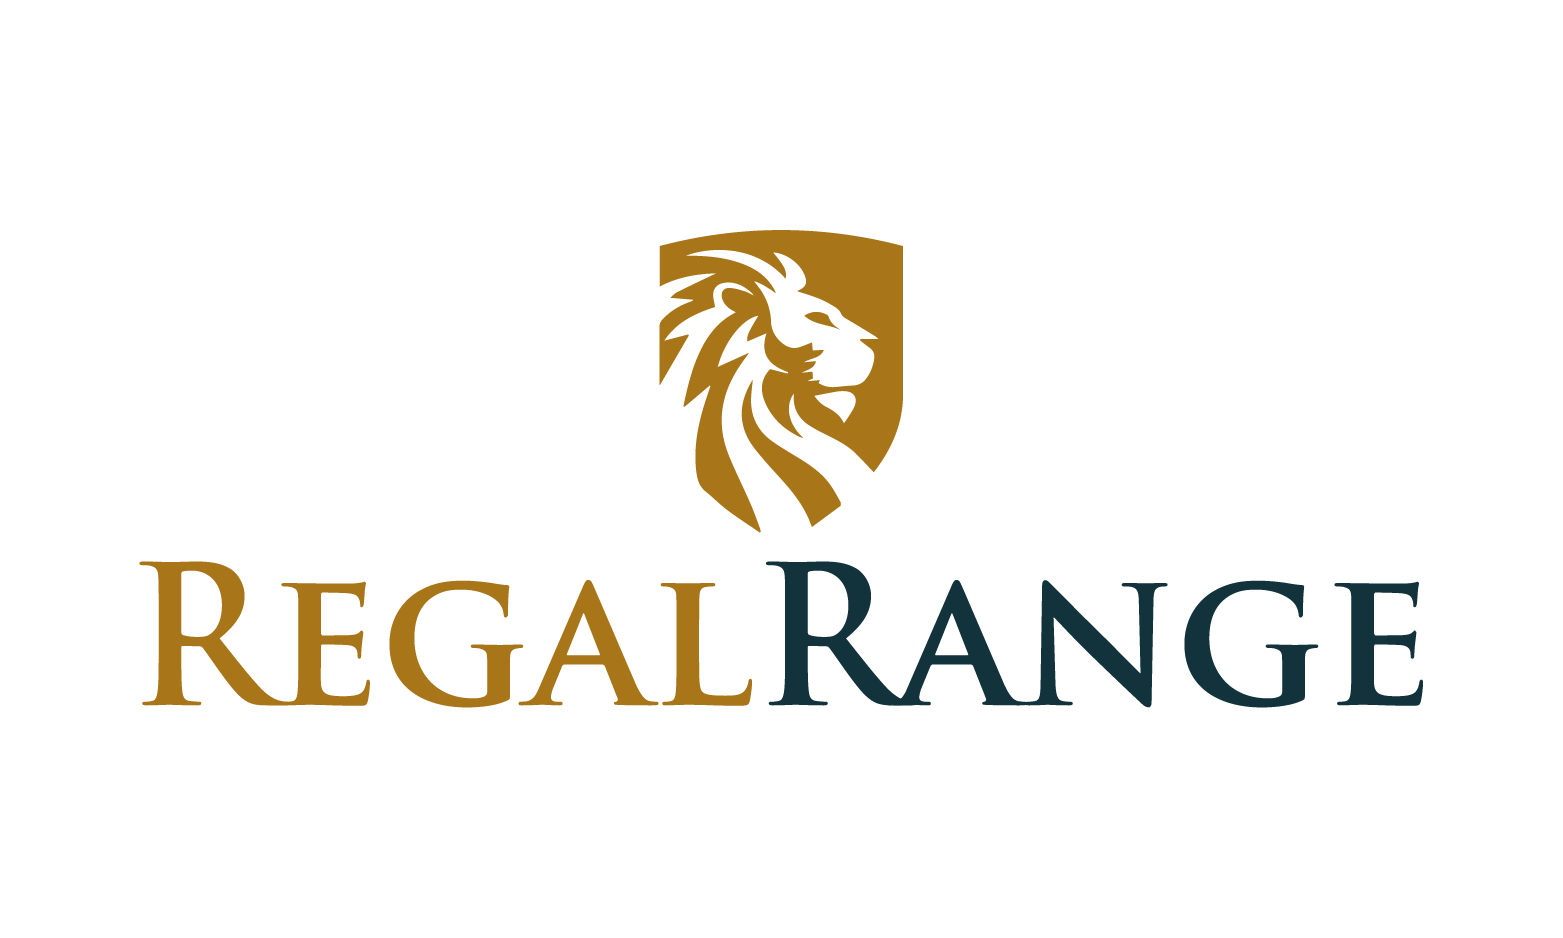 RegalRange.com